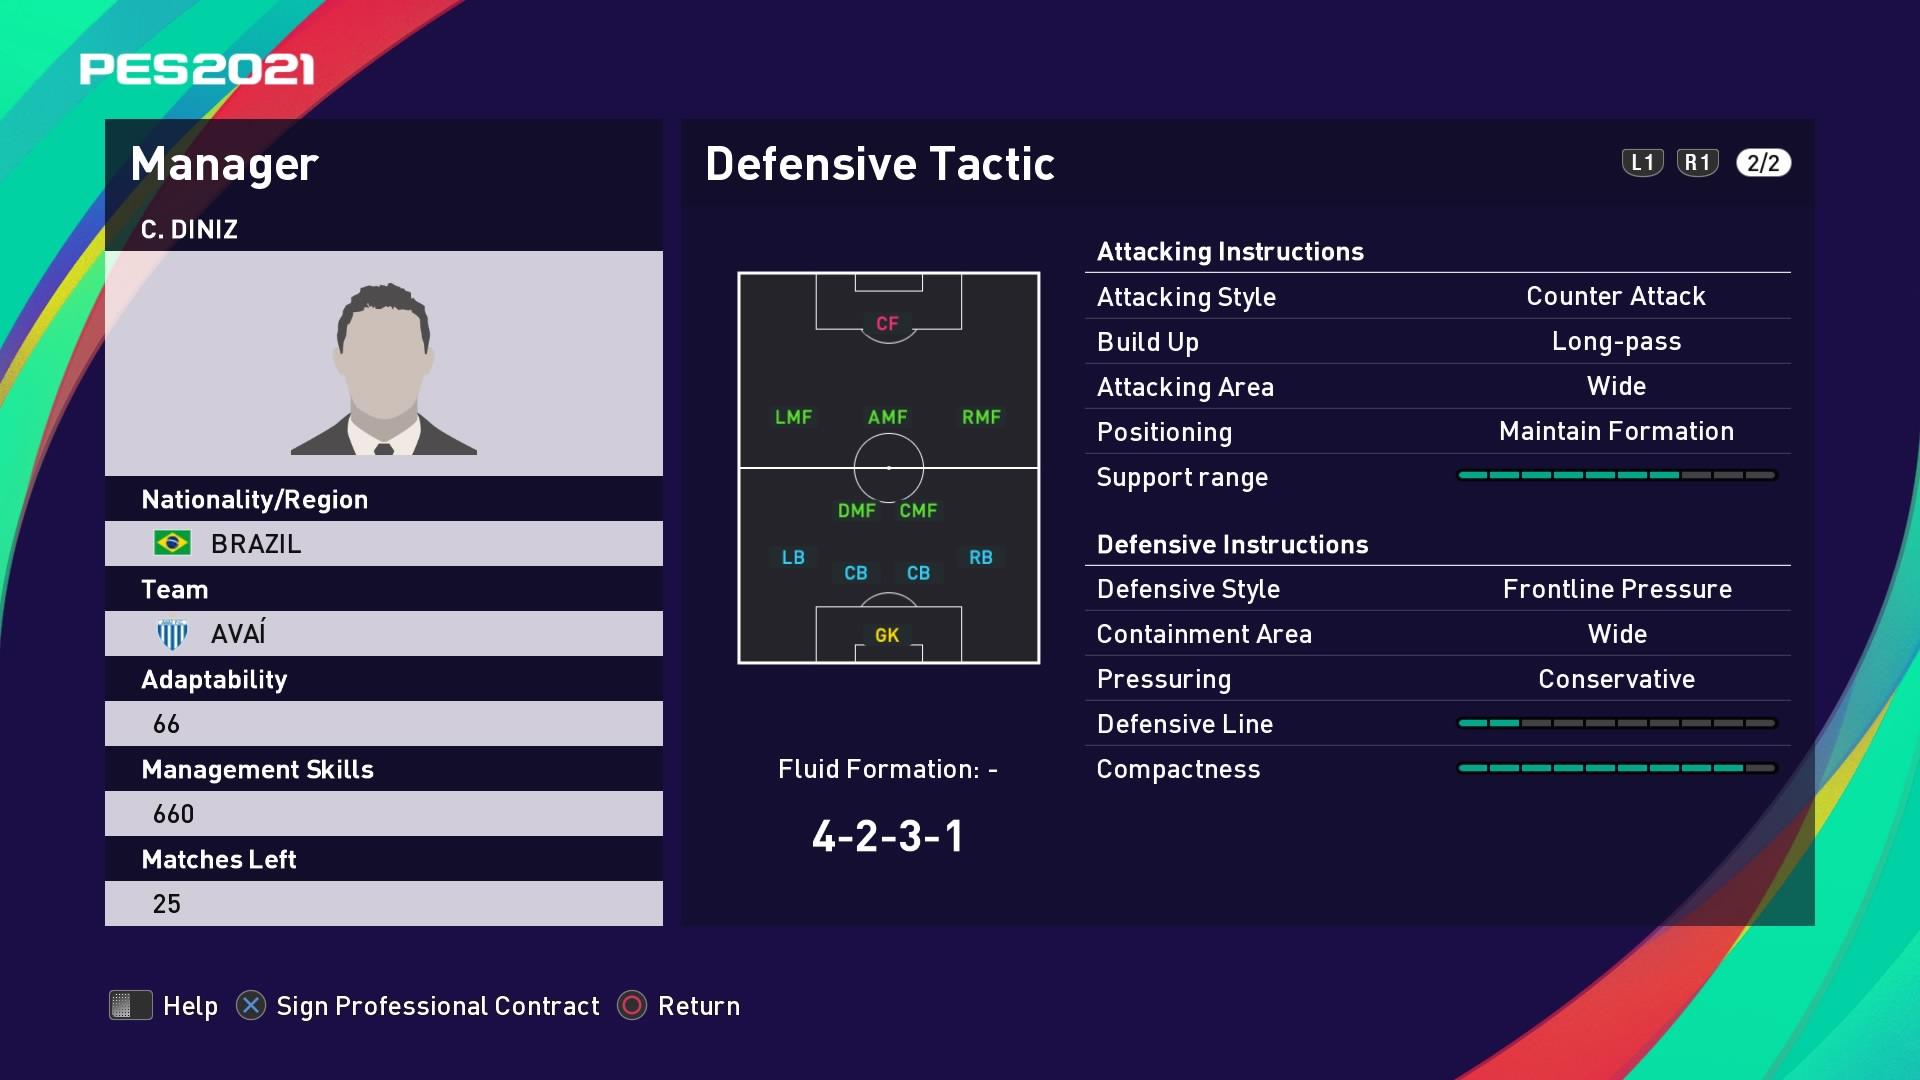 C. Diniz (Geninho) Defensive Tactic in PES 2021 myClub